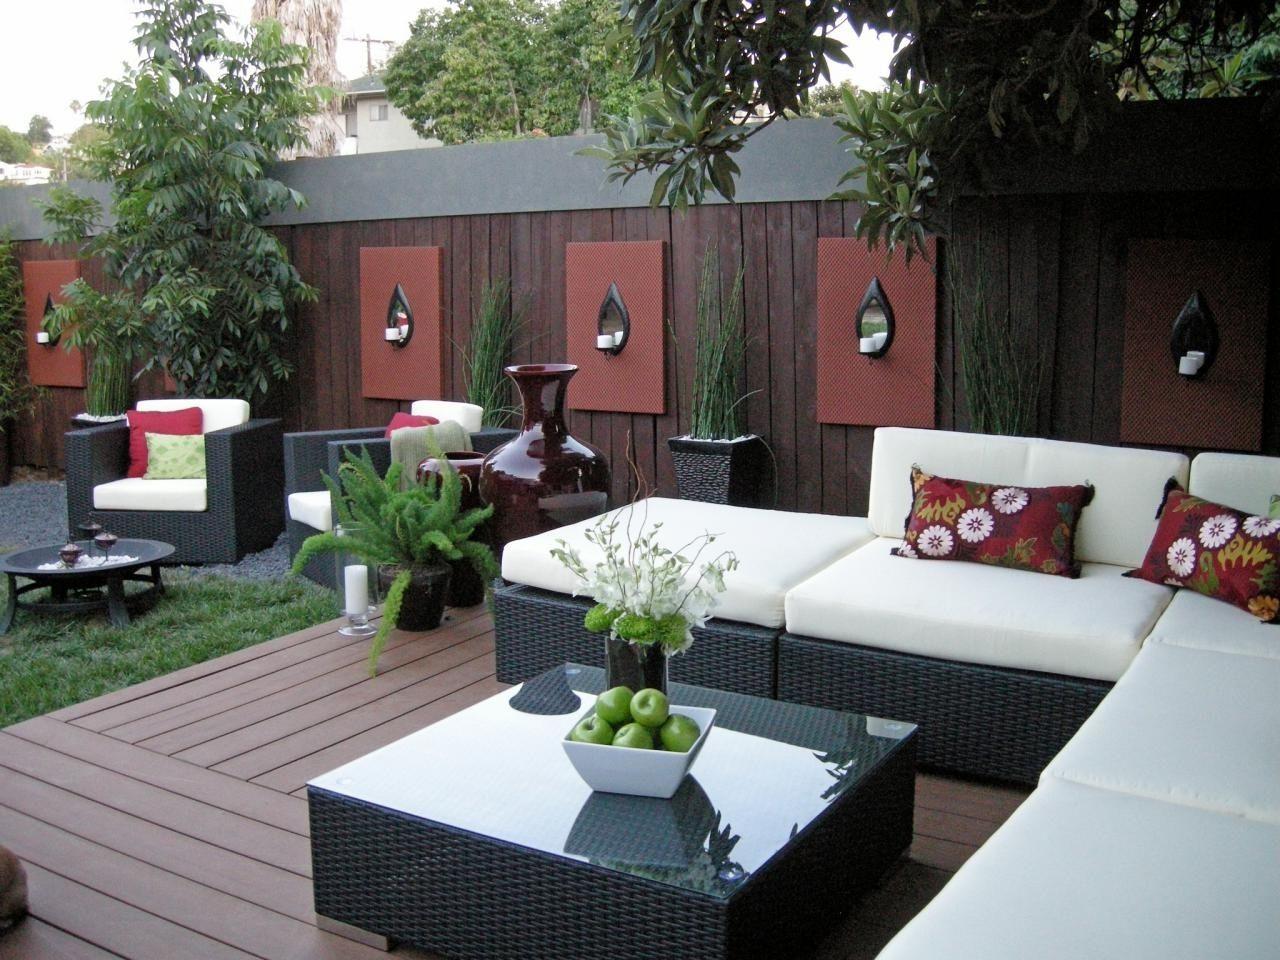 Houzz Outdoor Furniture Lowes Paint Colors Interior Check More At Http Www Mtbasics Com Houzz Outdoo Terrassen Deko Hinterhof Garten Design Fur Aussenkuche